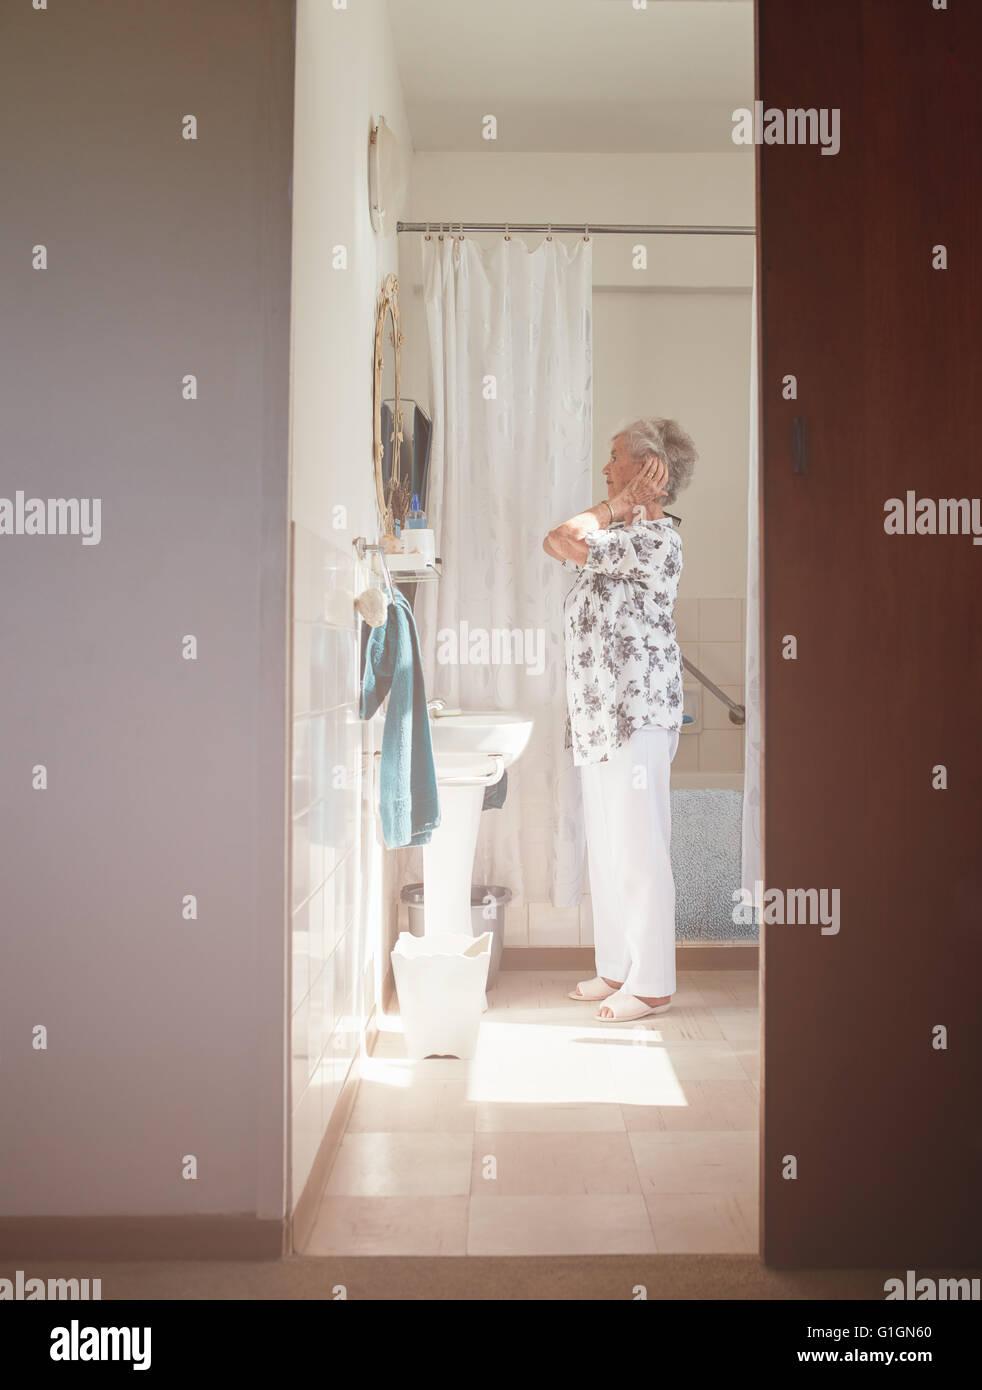 Longitud total interior de disparo anciana alistándose en el tocador. Jefa alistándose en el baño. Imagen De Stock